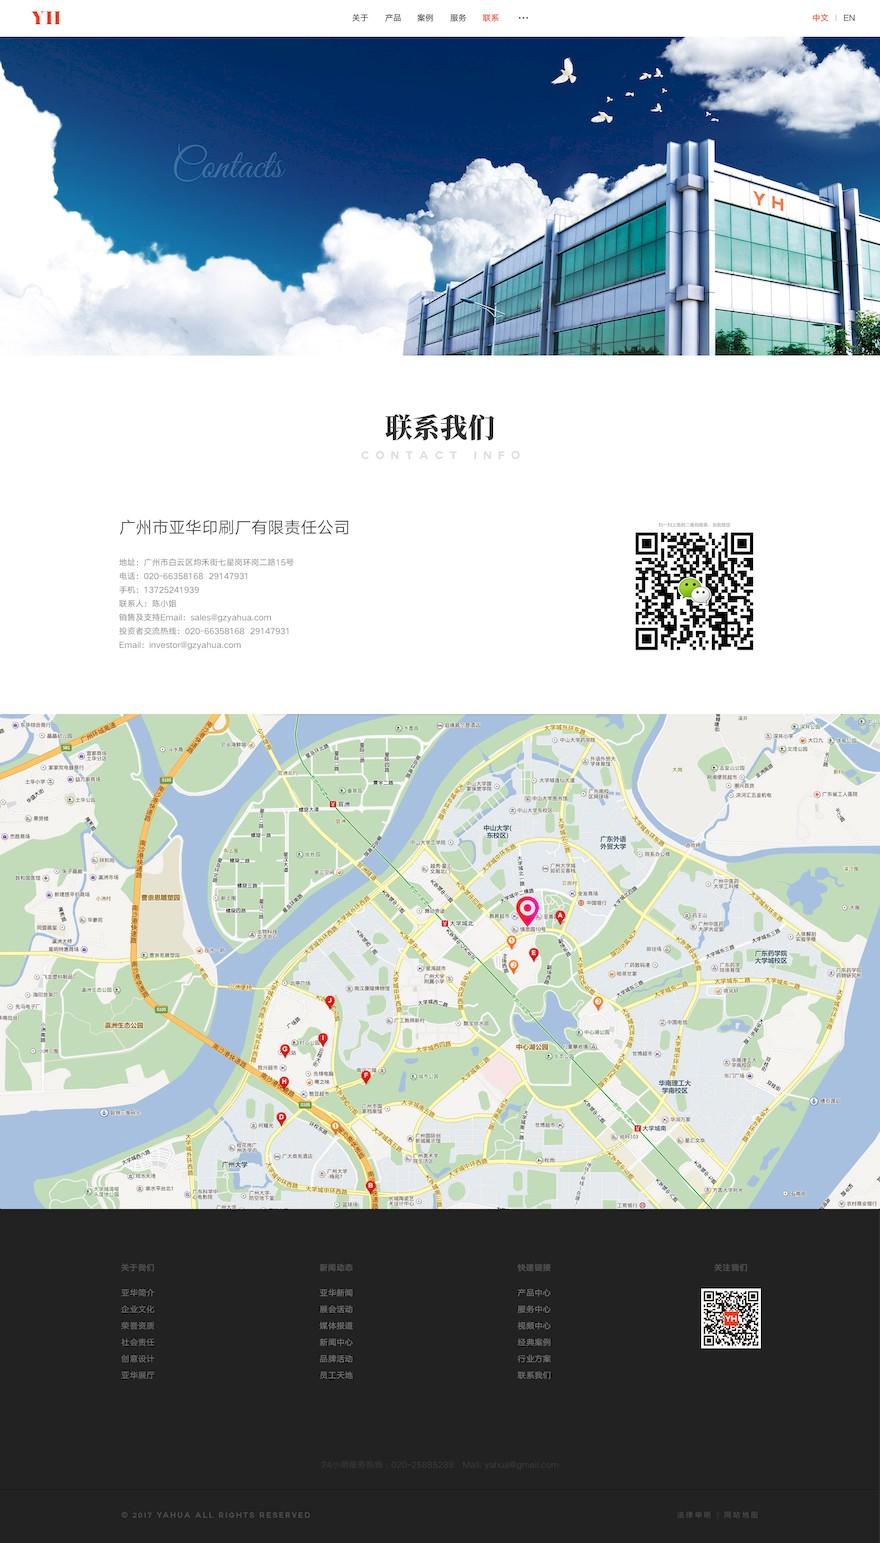 实用的中文印刷类企业网站psd和html模板[Photoshop/HTML/2.32GB]百度网盘下载插图(4)